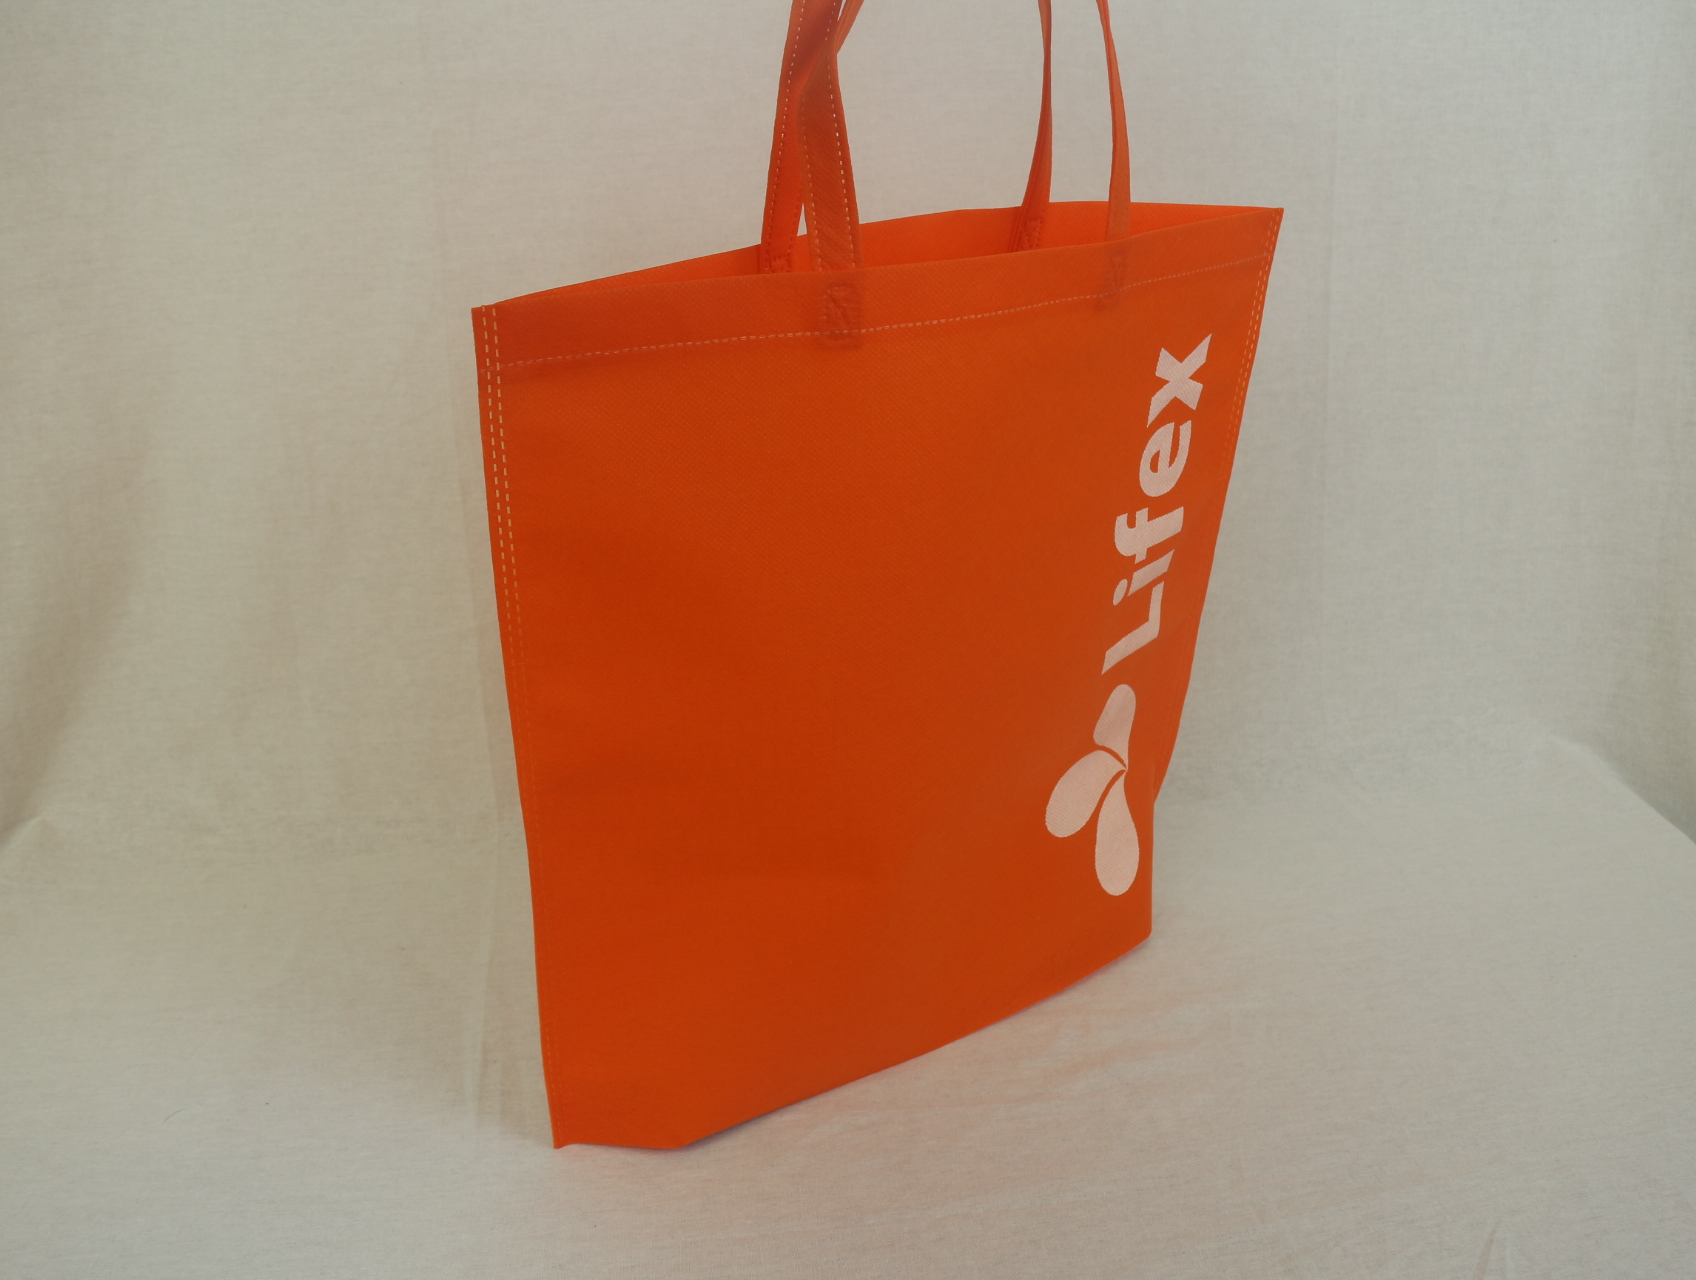 家事サービス、ハウスクリーニングなどを行われている会社様の不織布バッグ